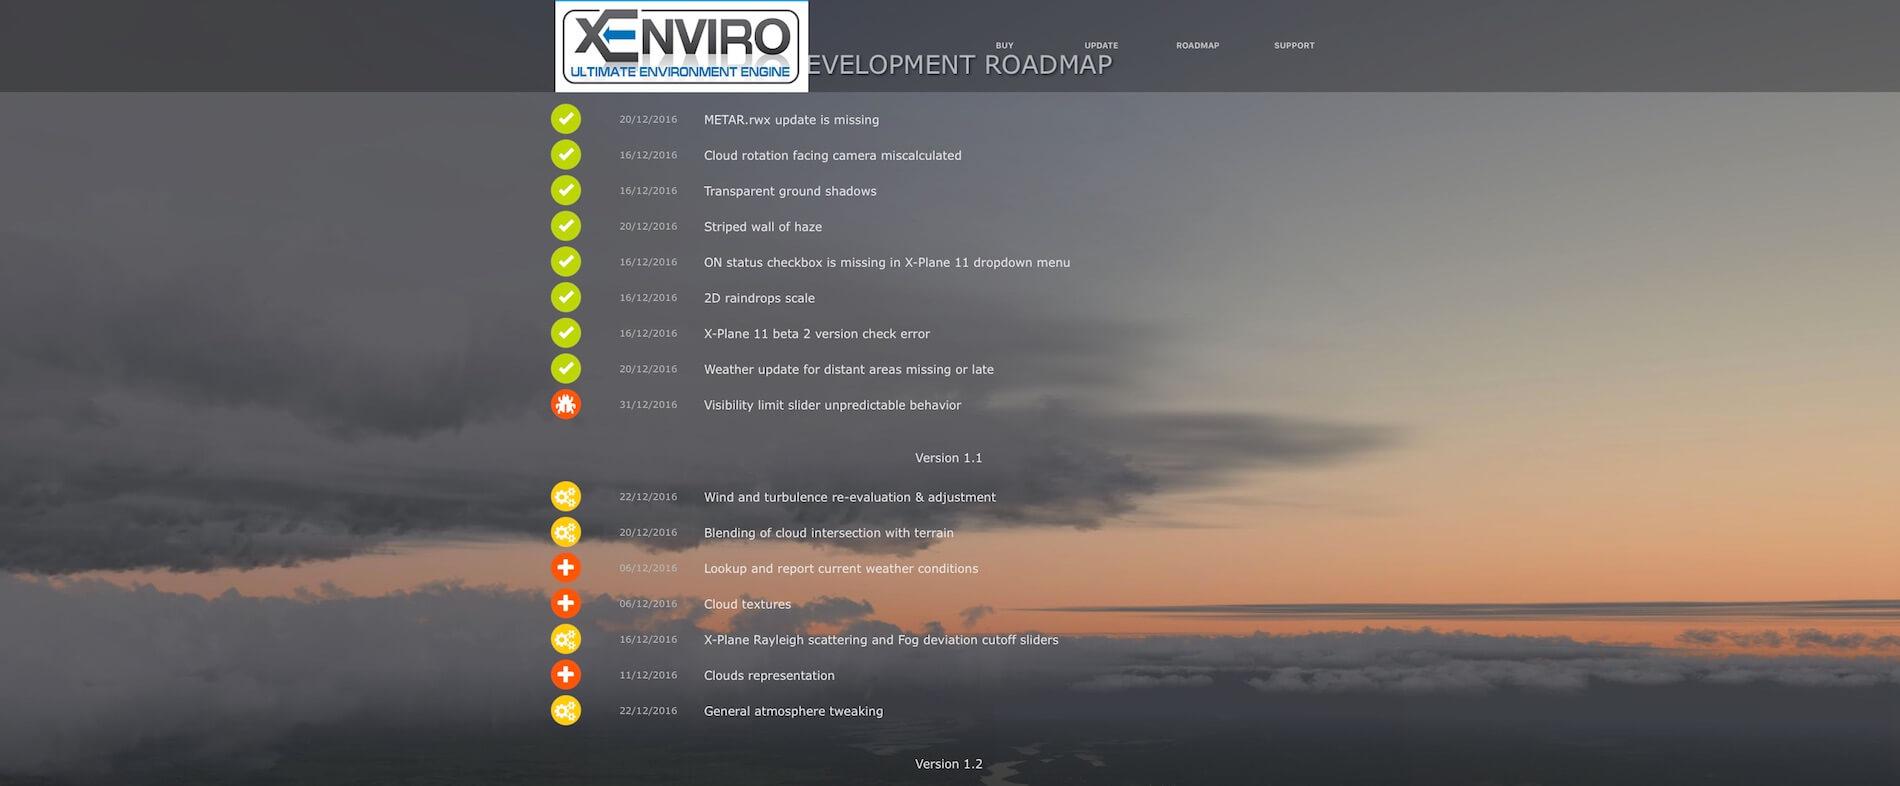 Xenviro Review